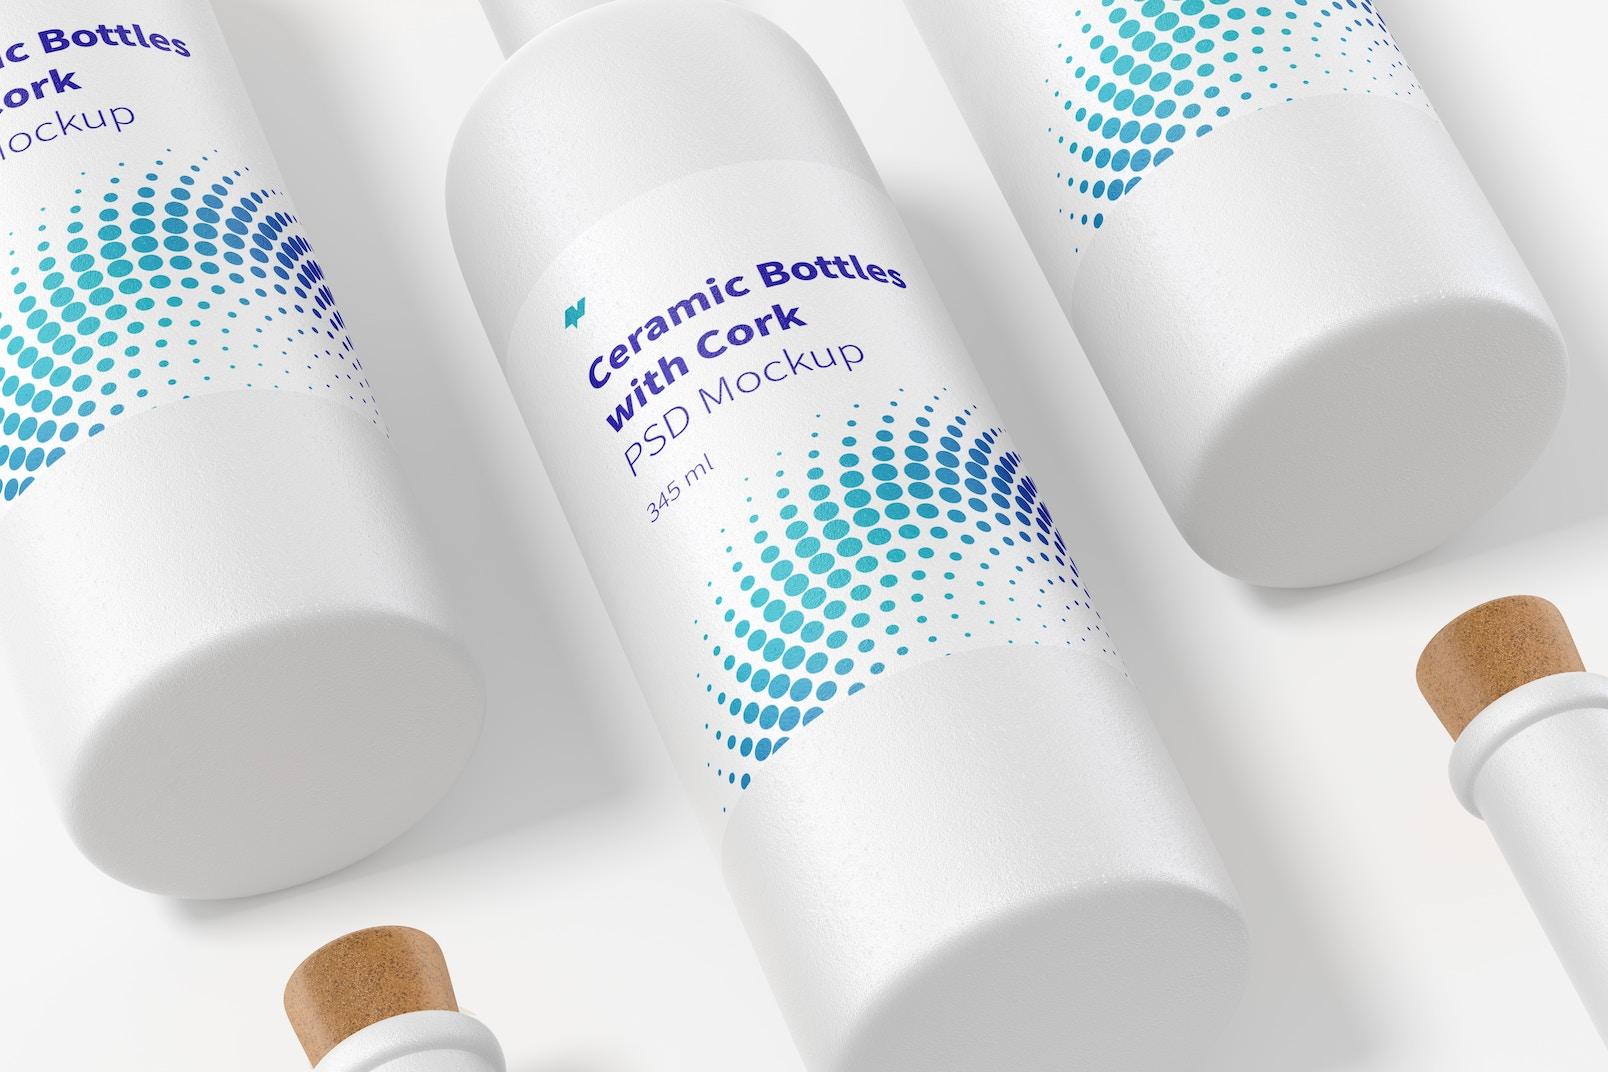 Long Neck Ceramic Bottles with Cork Set Mockup